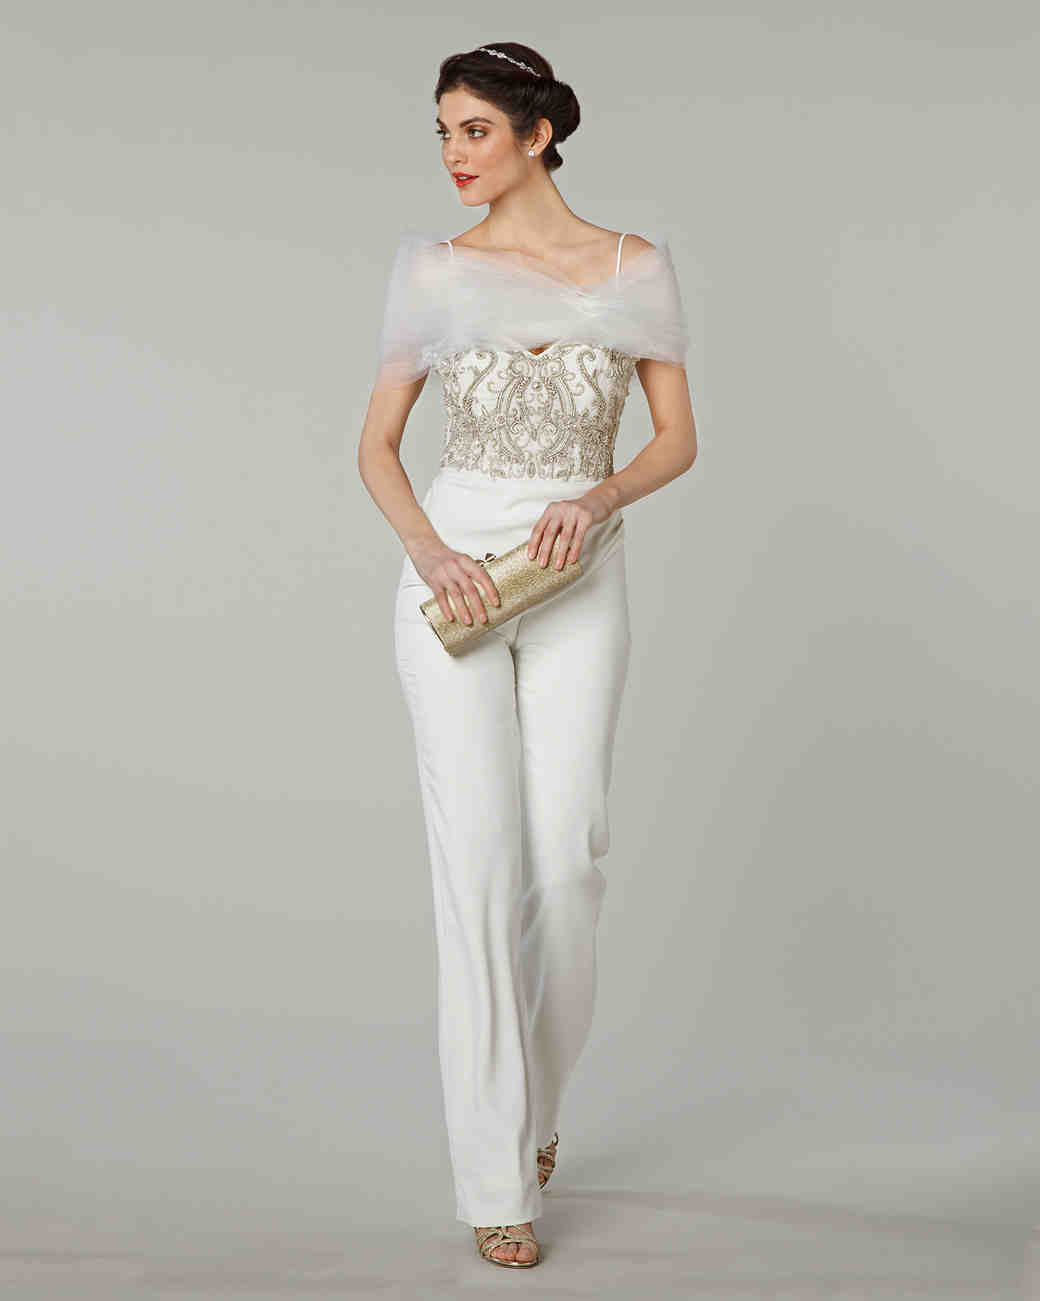 Spring 2016 Wedding Dress Trends | Martha Stewart Weddings